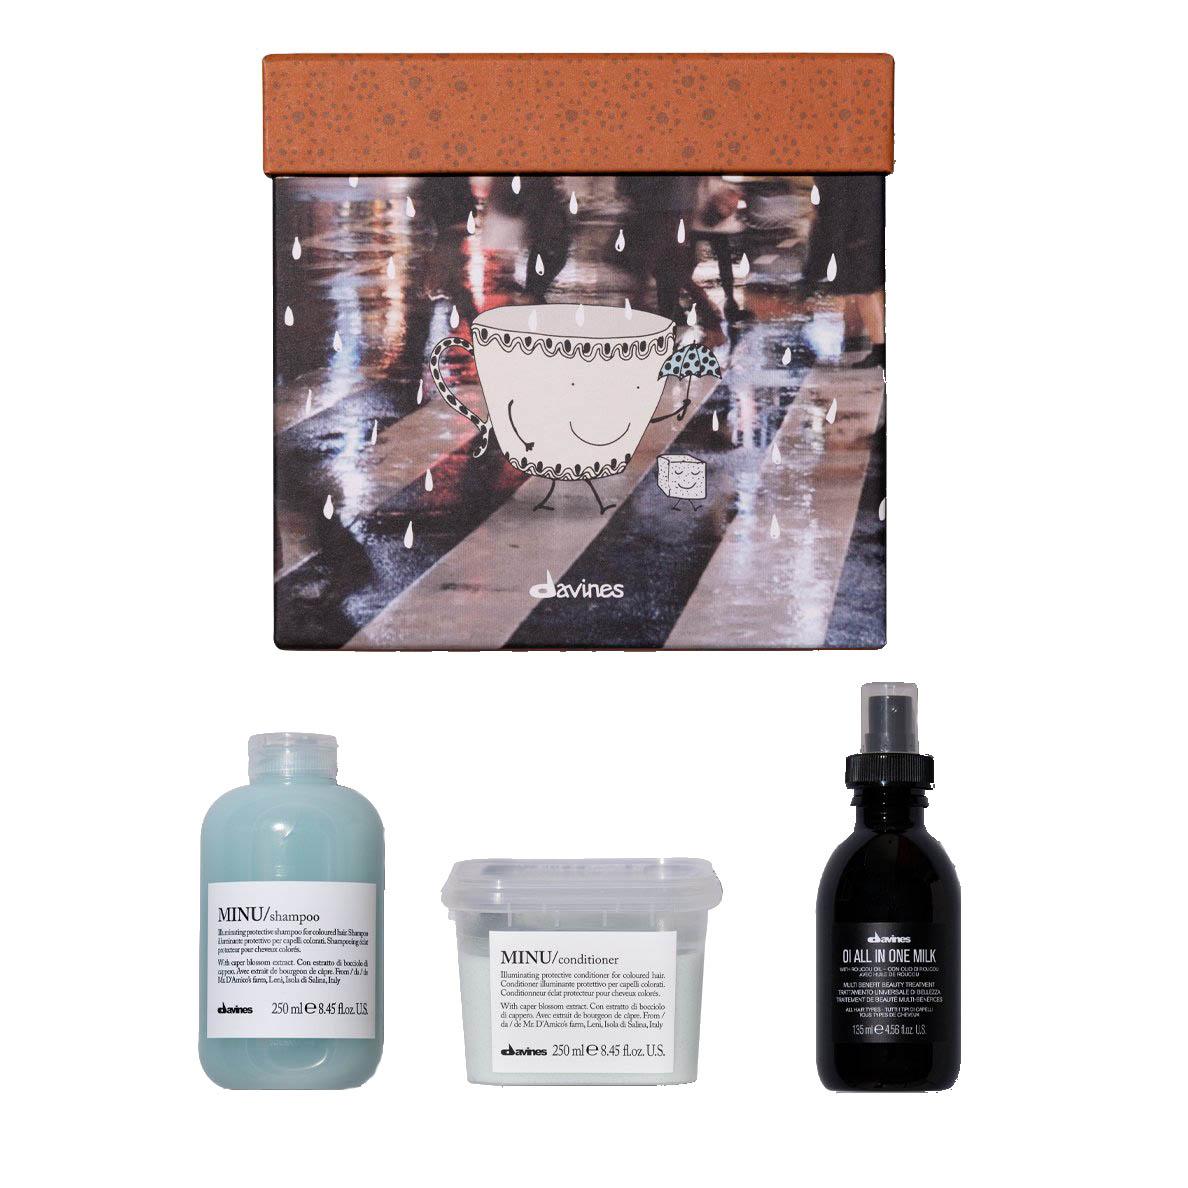 Faites des économies sur l'achat d'un coffret cadeau pour les cheveux colorés. Uniquement en série limitée crée par DAVINES. La boite est composée d'un shampoing et d'un conditionneur de la gamme MINU ainsi qu'un soin sans rinçage de la gamme OI.